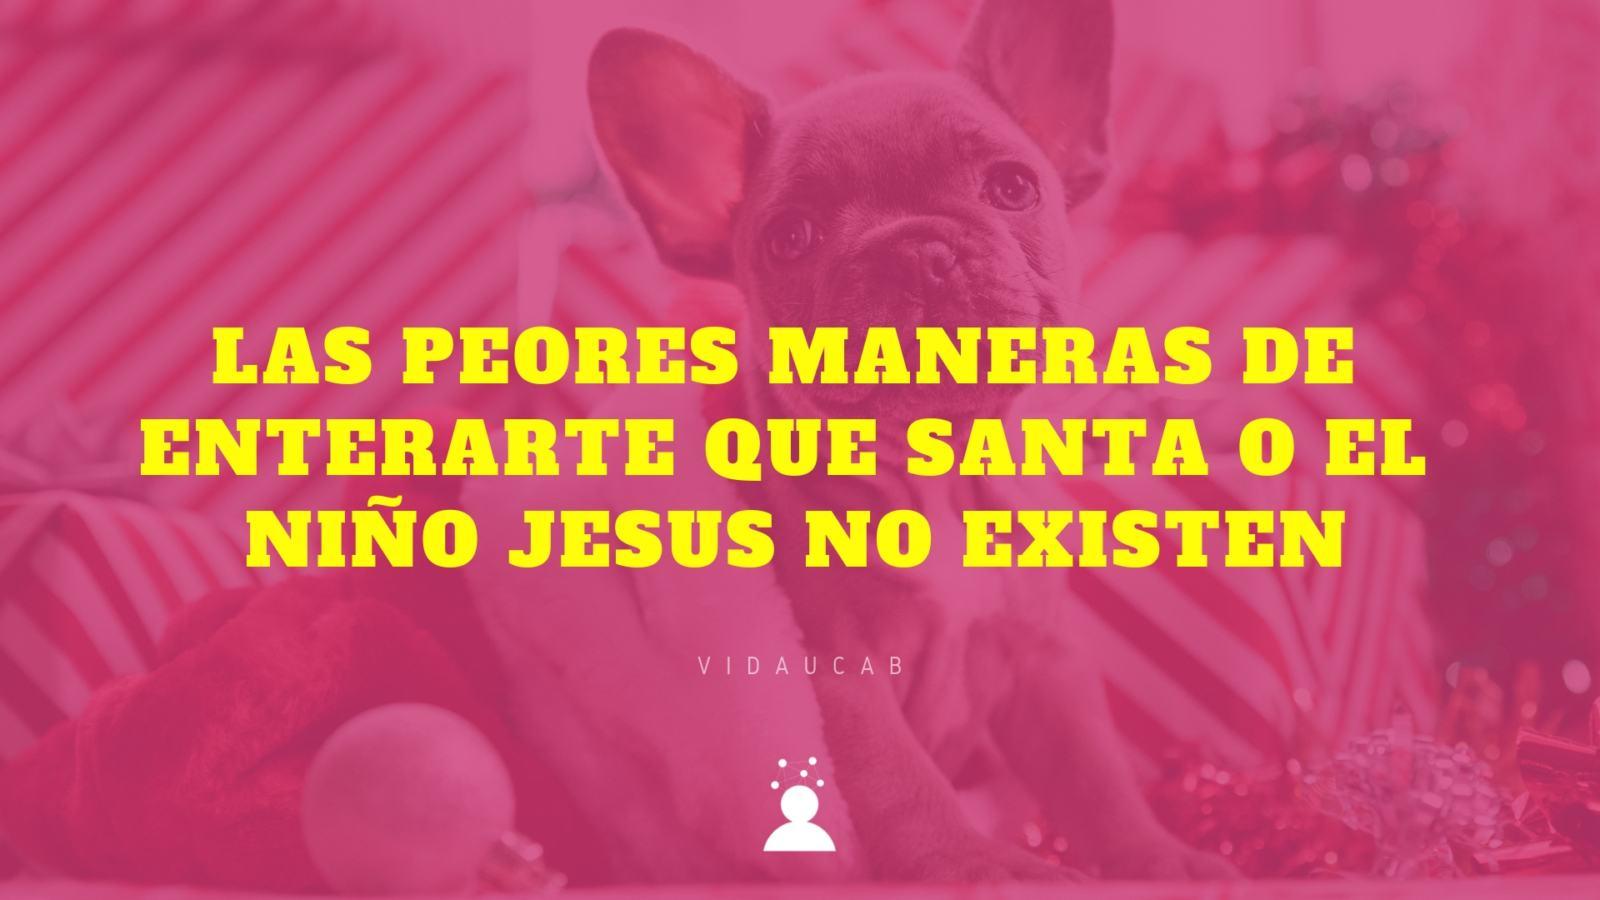 las peores maneras de enterar que Santa o el niño jesus no existe